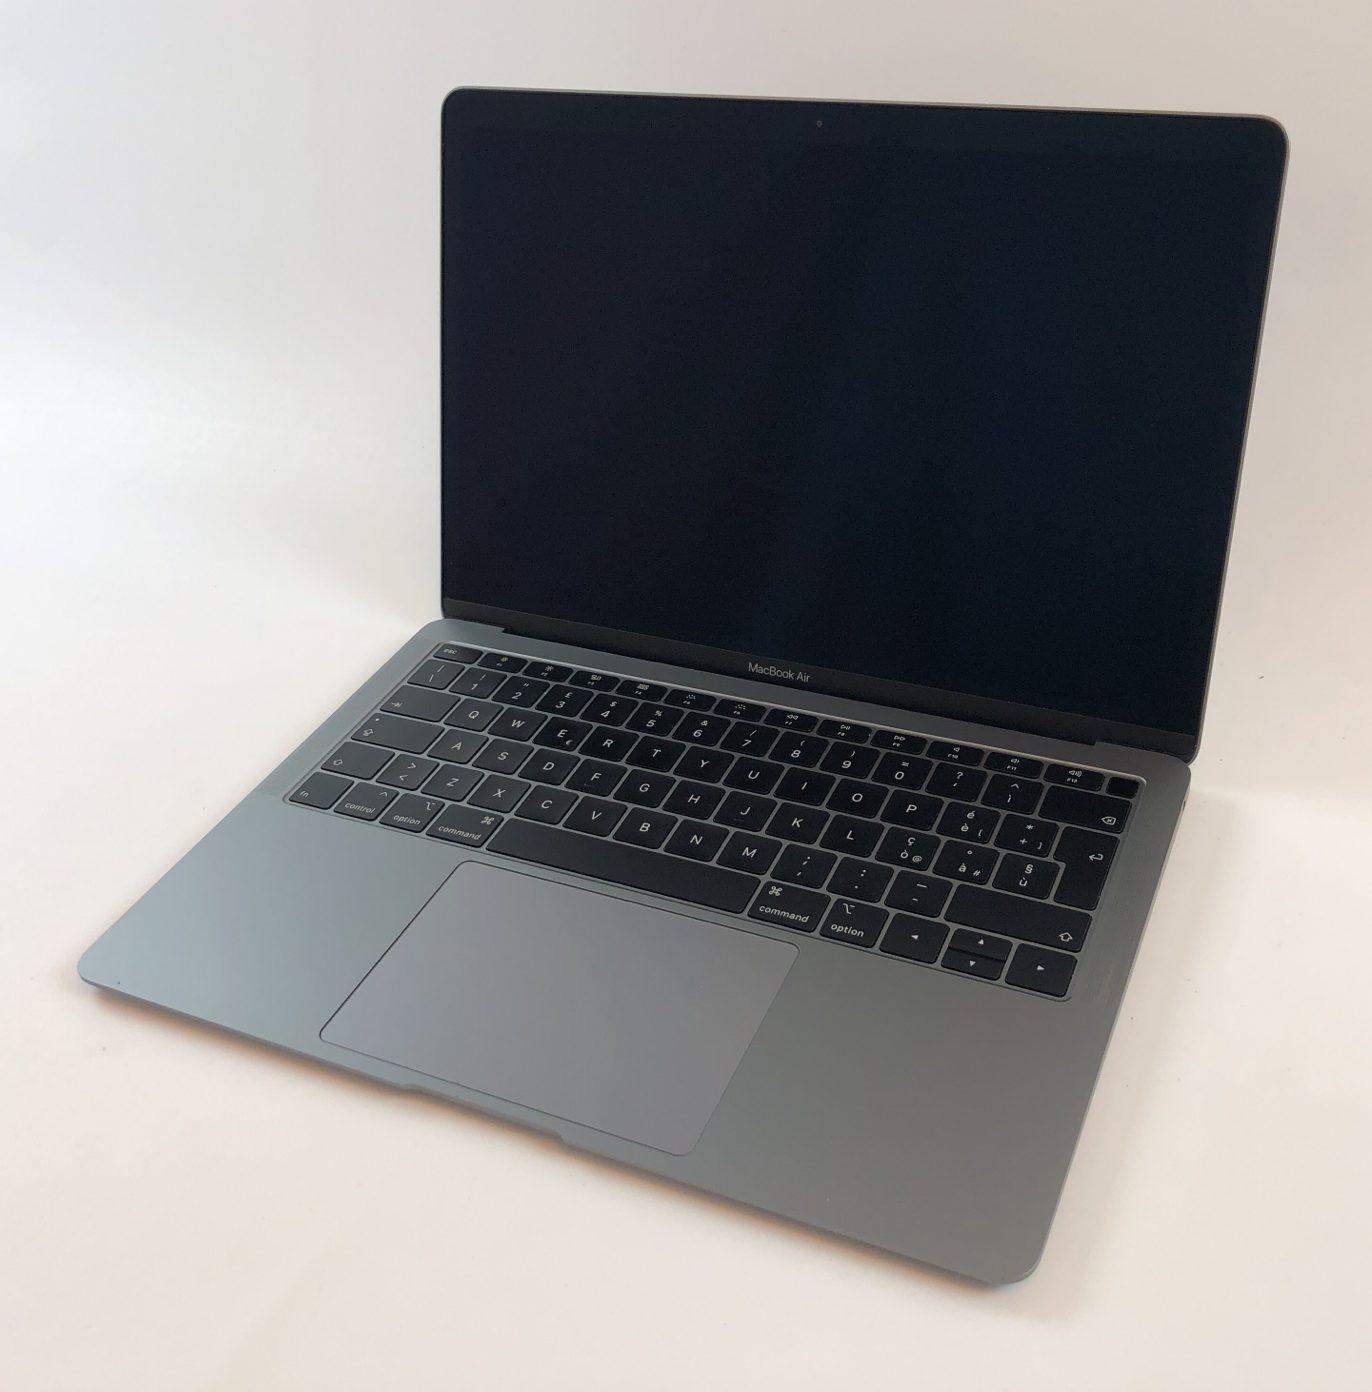 """MacBook Air 13"""" Mid 2019 (Intel Core i5 1.6 GHz 8 GB RAM 256 GB SSD), Space Gray, Intel Core i5 1.6 GHz, 8 GB RAM, 256 GB SSD, image 1"""